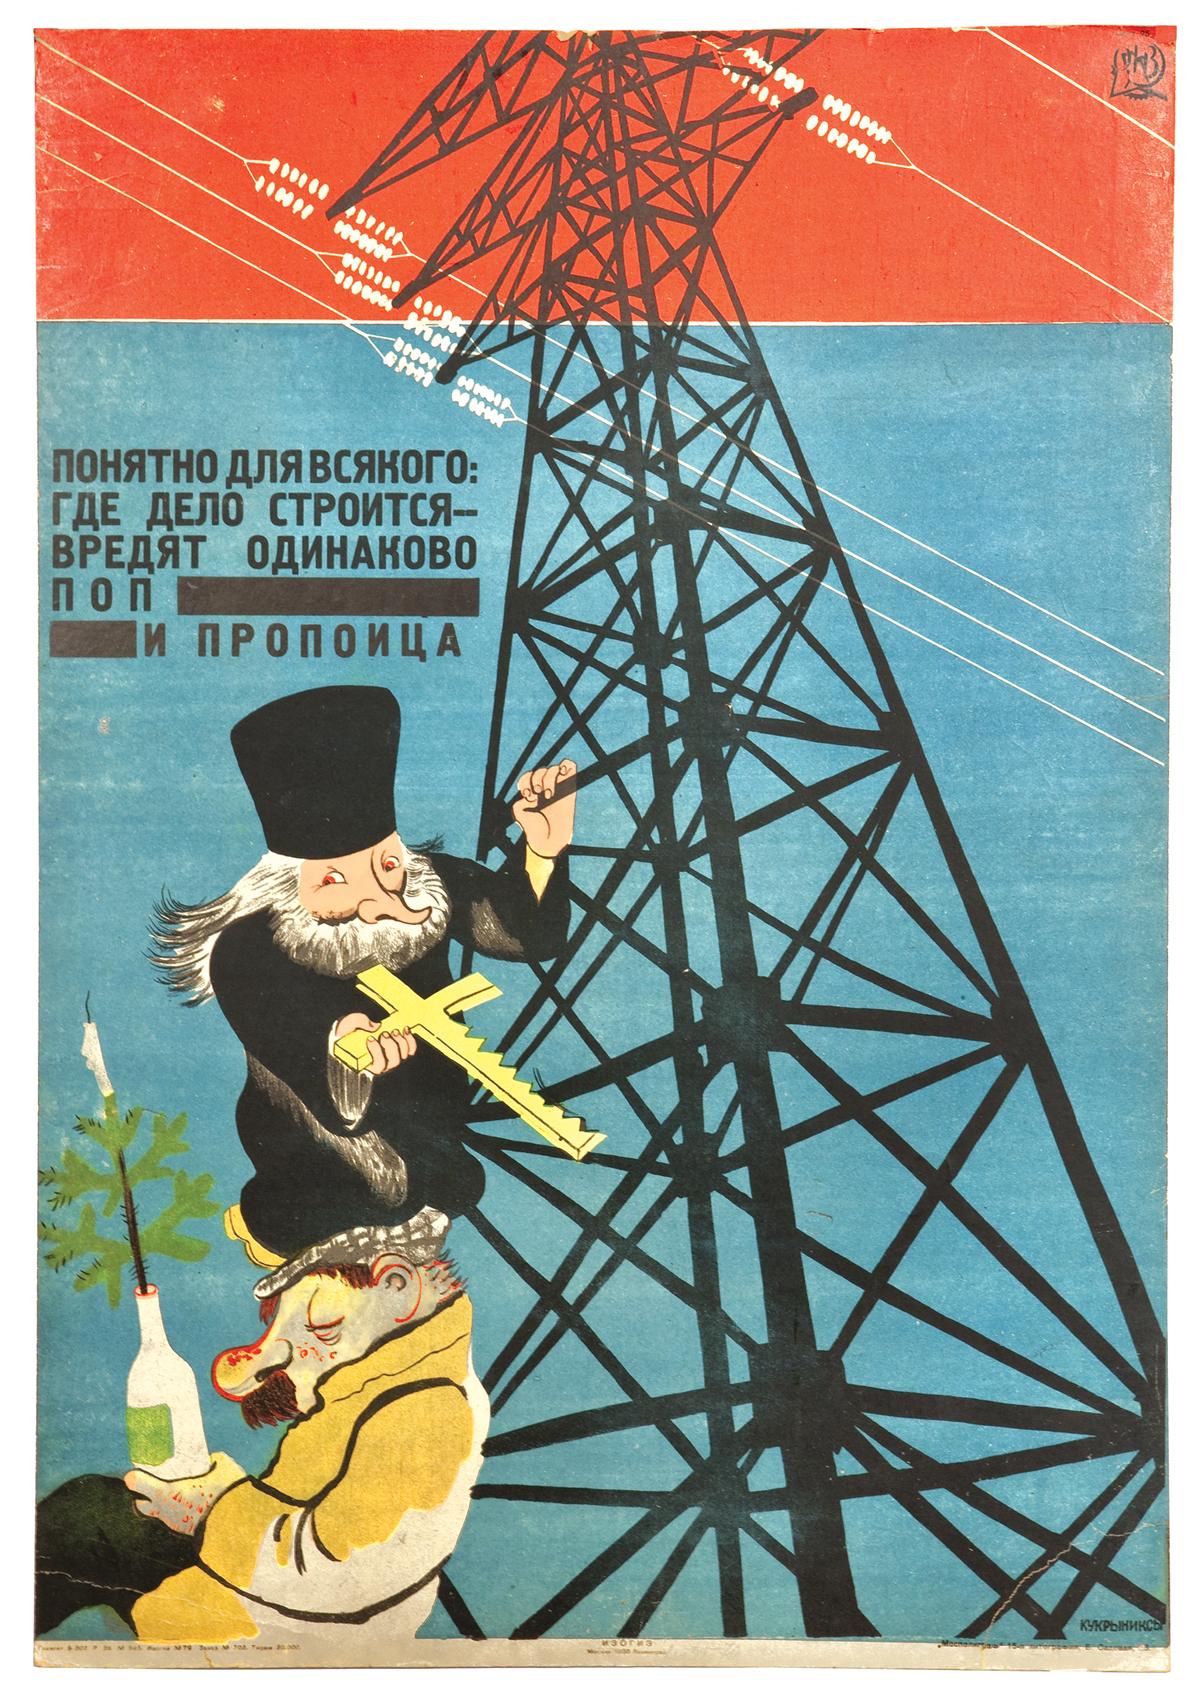 Ο σταυρός του παπά πριονίζει τον εξηλεκτρισμό του Λένιν, ενώ ο μπεκρής κοιμάται: «Ολοι καταλαβαίνουν ότι όταν γίνονται εργασίες, ο ιερέας και οι μεθυσμένοι κάνουν και οι δύο κακό» (Αφίσα, 1930)